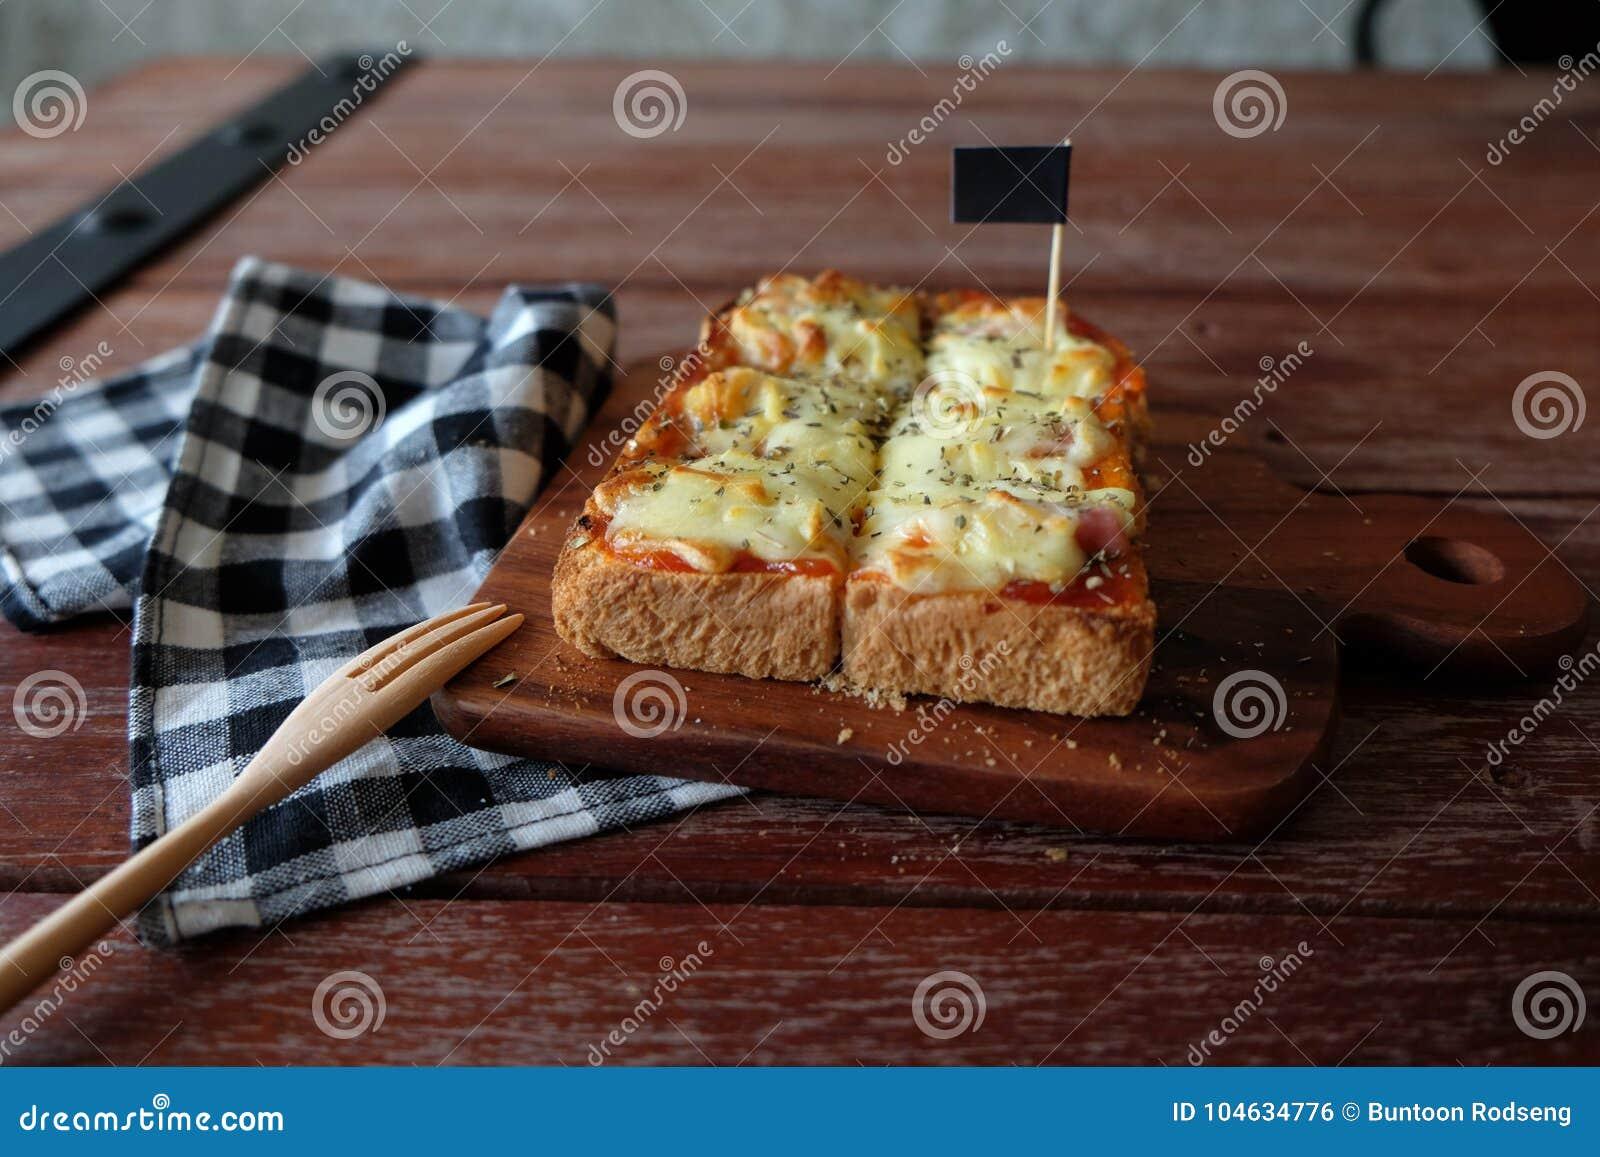 Download Pizza Geroosterd Brood Met Tomatensaus En Hamkaas Stock Foto - Afbeelding bestaande uit rood, orego: 104634776